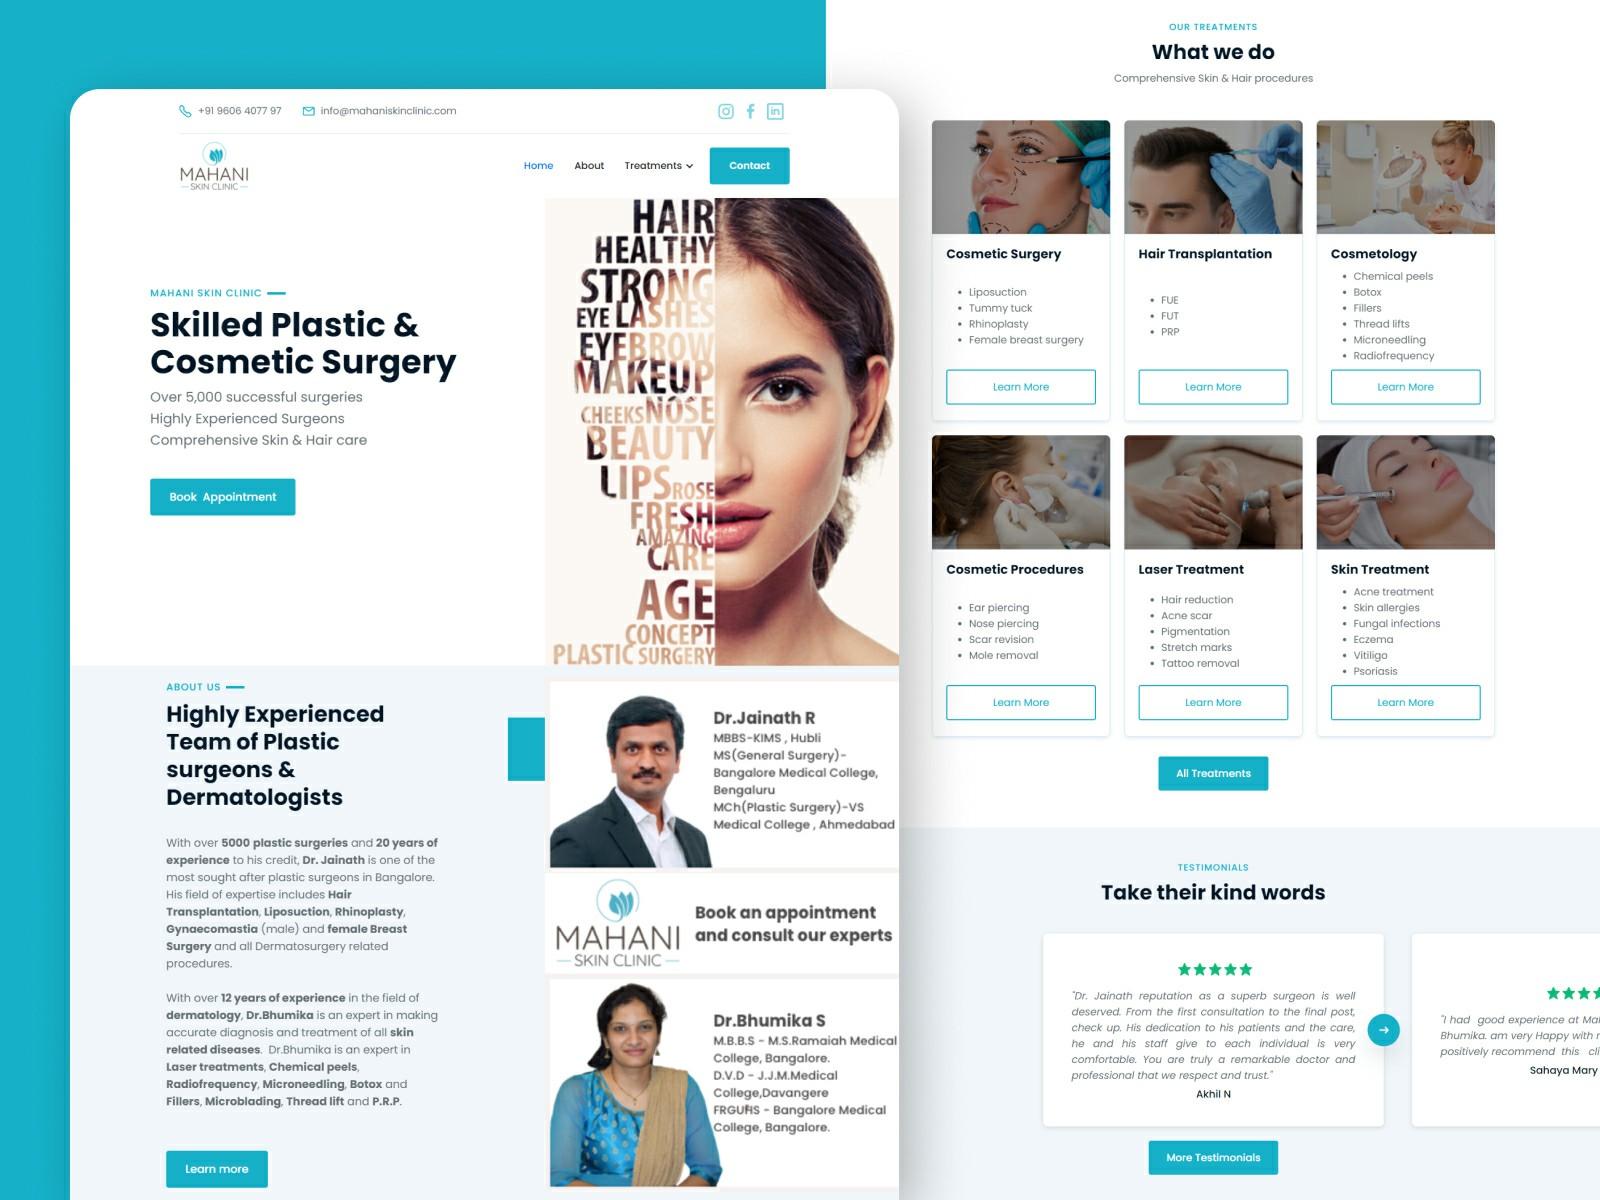 Mahani Skin Clinic